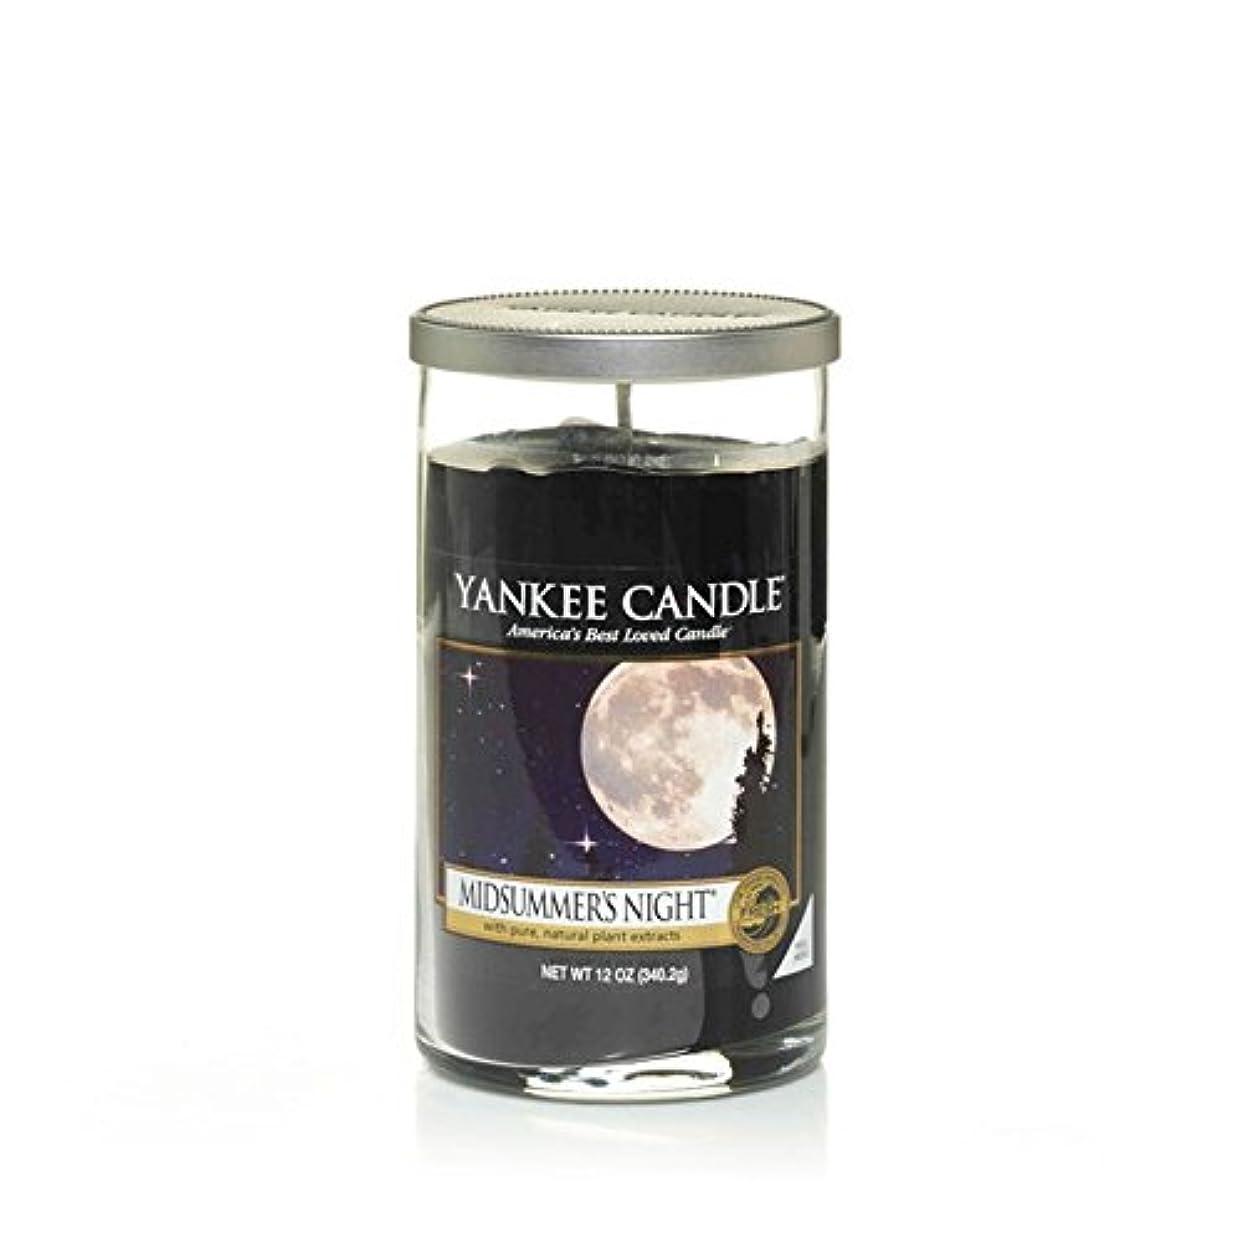 雑品コンプリート治すヤンキーキャンドルメディアピラーキャンドル - Midsummersの夜 - Yankee Candles Medium Pillar Candle - Midsummers Night (Yankee Candles) [並行輸入品]